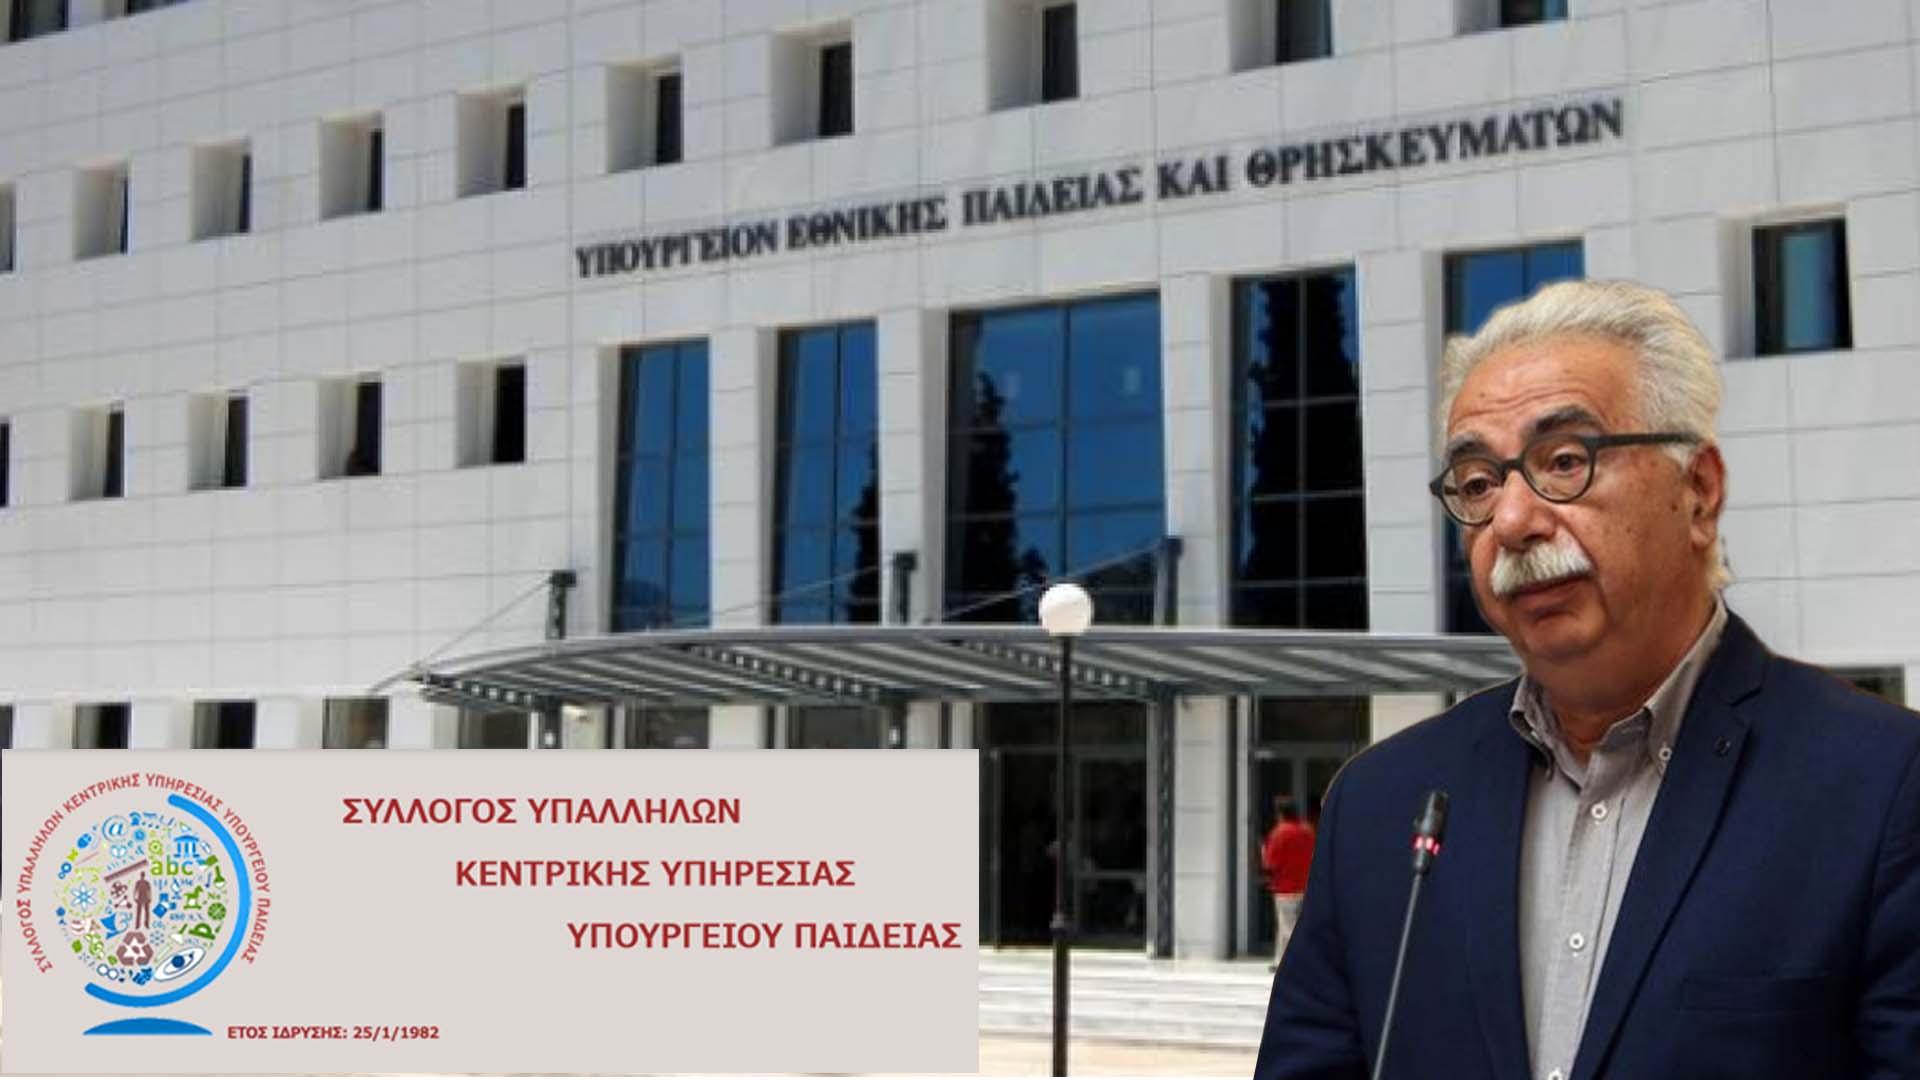 """Σύλλογος Υπαλλήλων του Υπουργείου Παιδείας: το υπουργείο ξαναέγινε """"φρούριο"""" - κάγκελα παντού"""